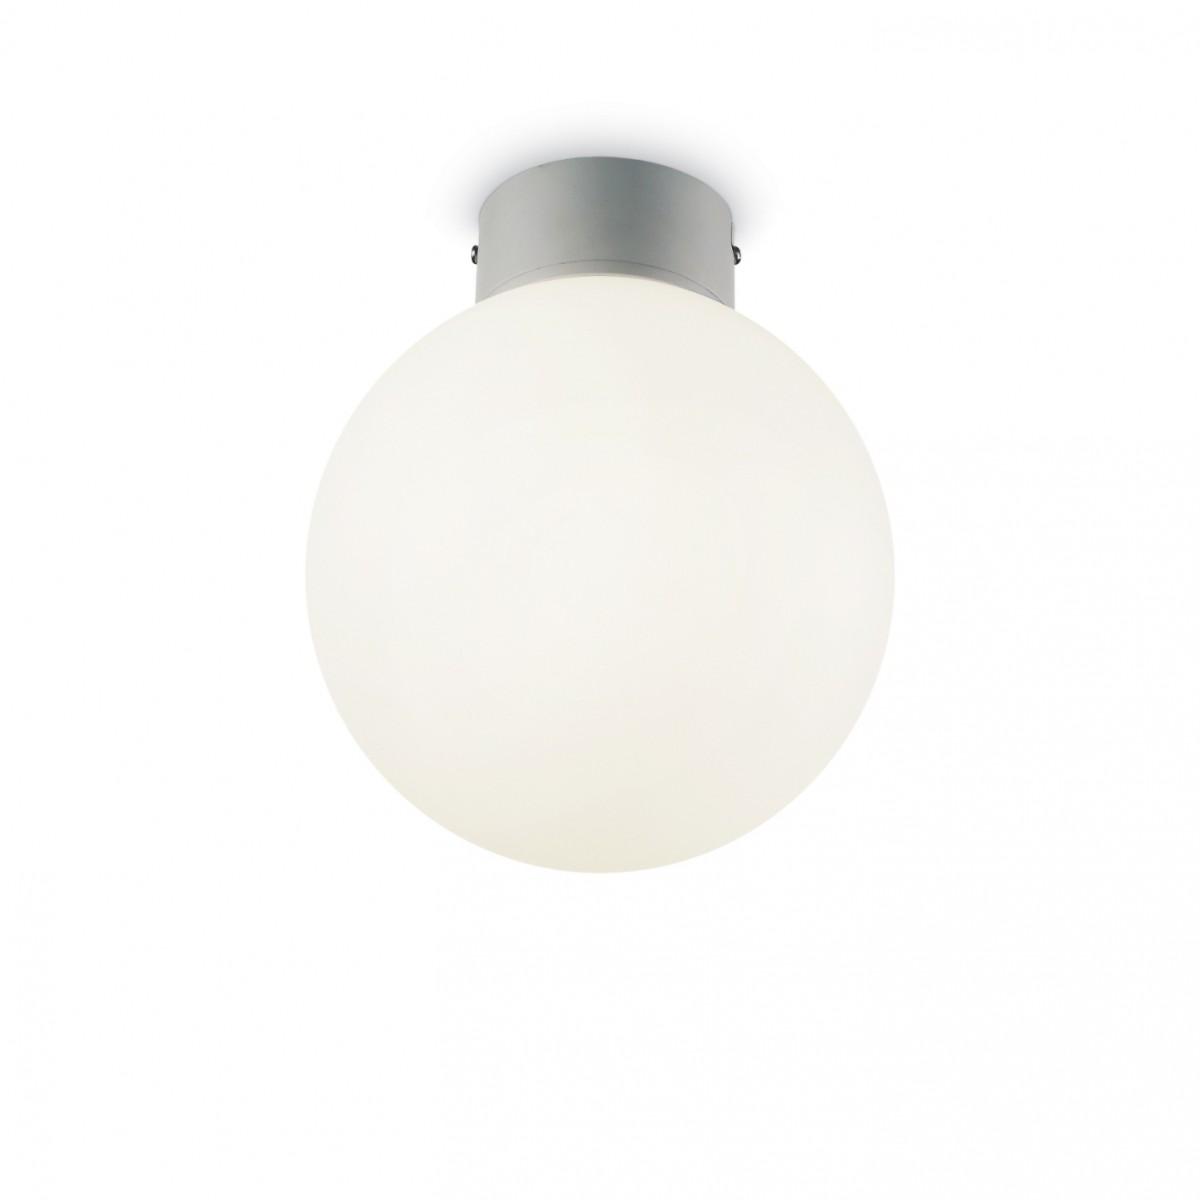 venkovní stropní lampa Ideal Lux Symphony PL1 149790 1x60W E27 - komplexní venkovní osvětlení